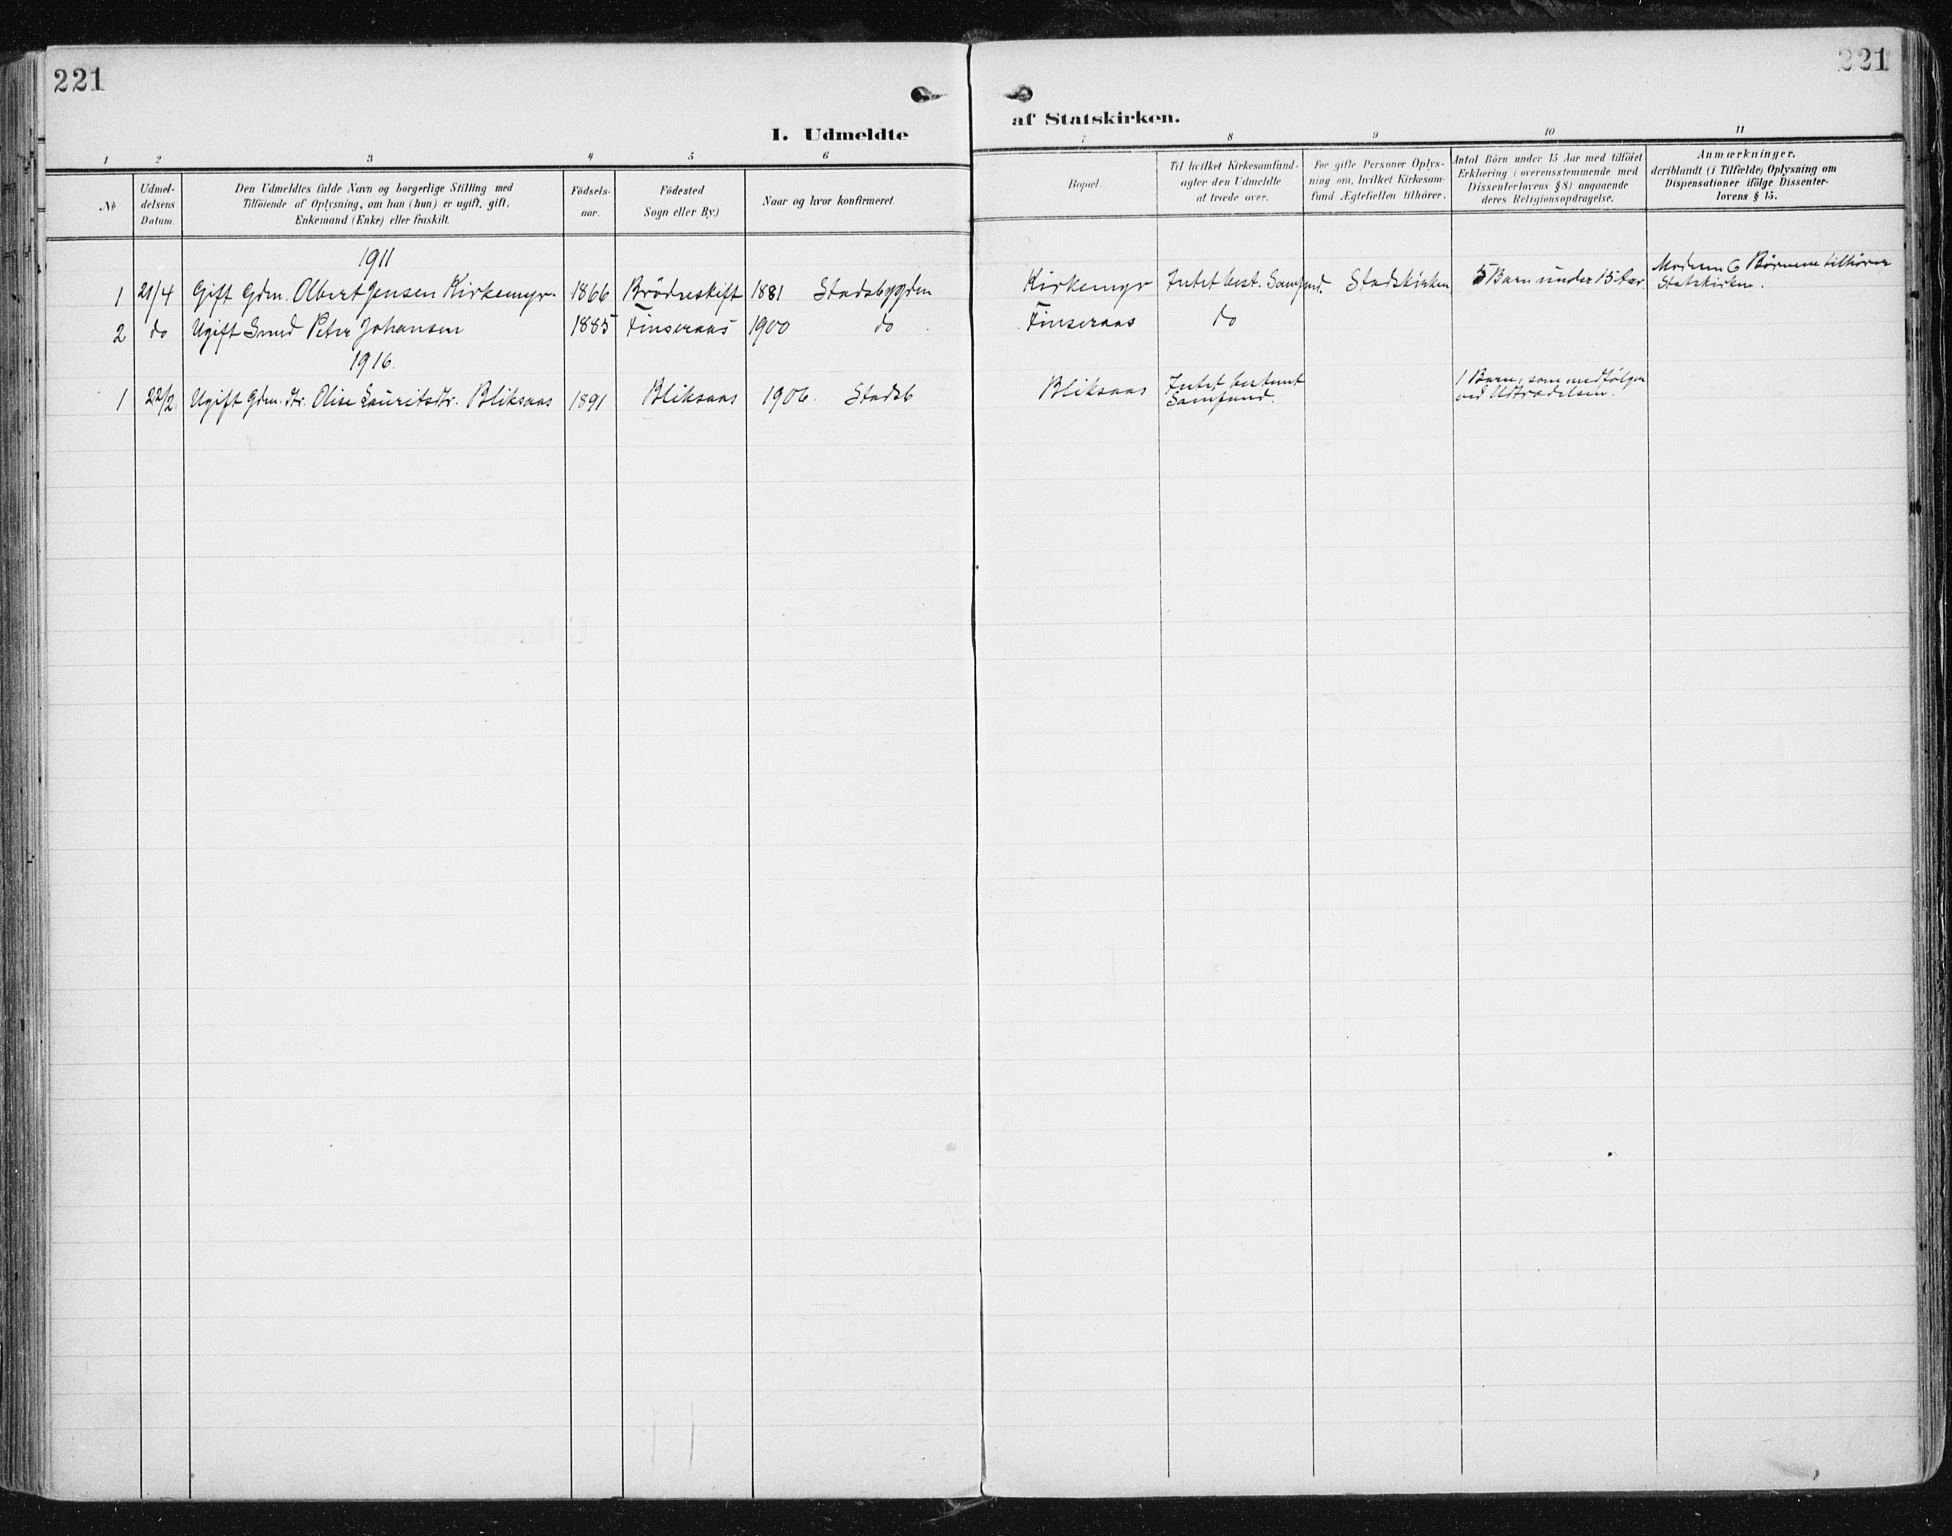 SAT, Ministerialprotokoller, klokkerbøker og fødselsregistre - Sør-Trøndelag, 646/L0616: Ministerialbok nr. 646A14, 1900-1918, s. 221